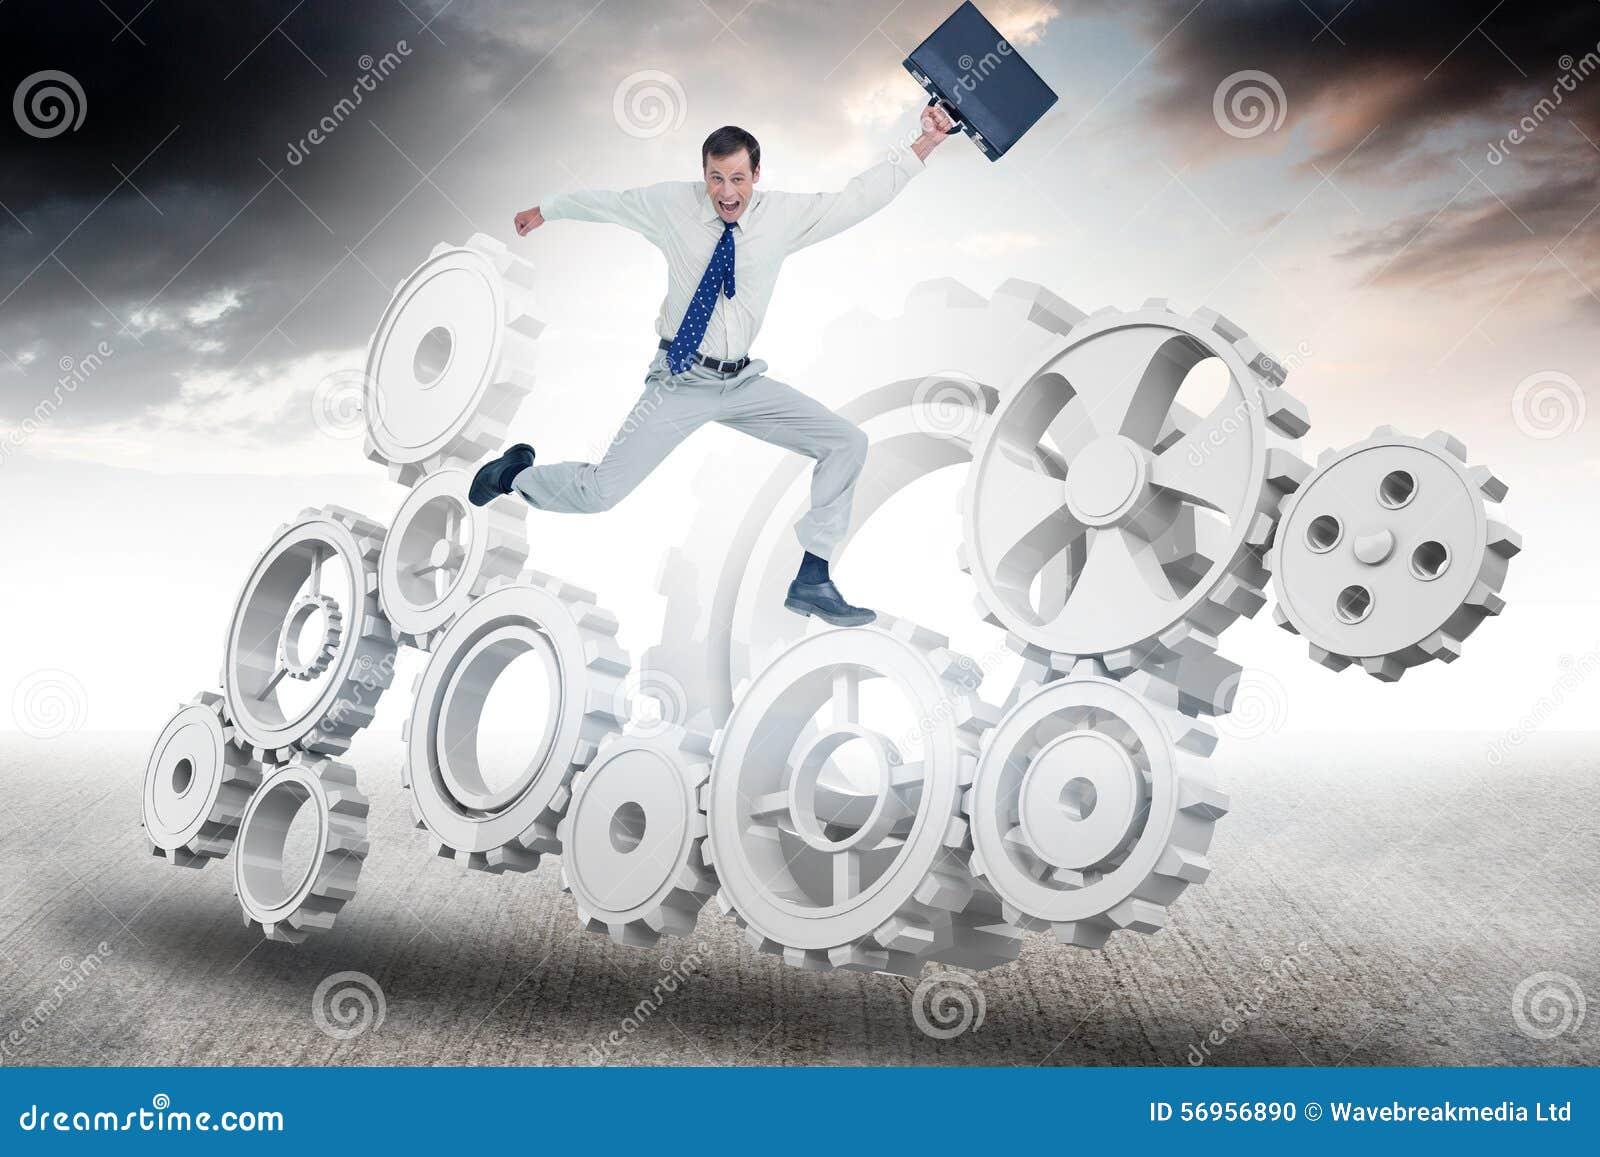 Σύνθετη εικόνα του εύθυμου πηδώντας επιχειρηματία με τη βαλίτσα του